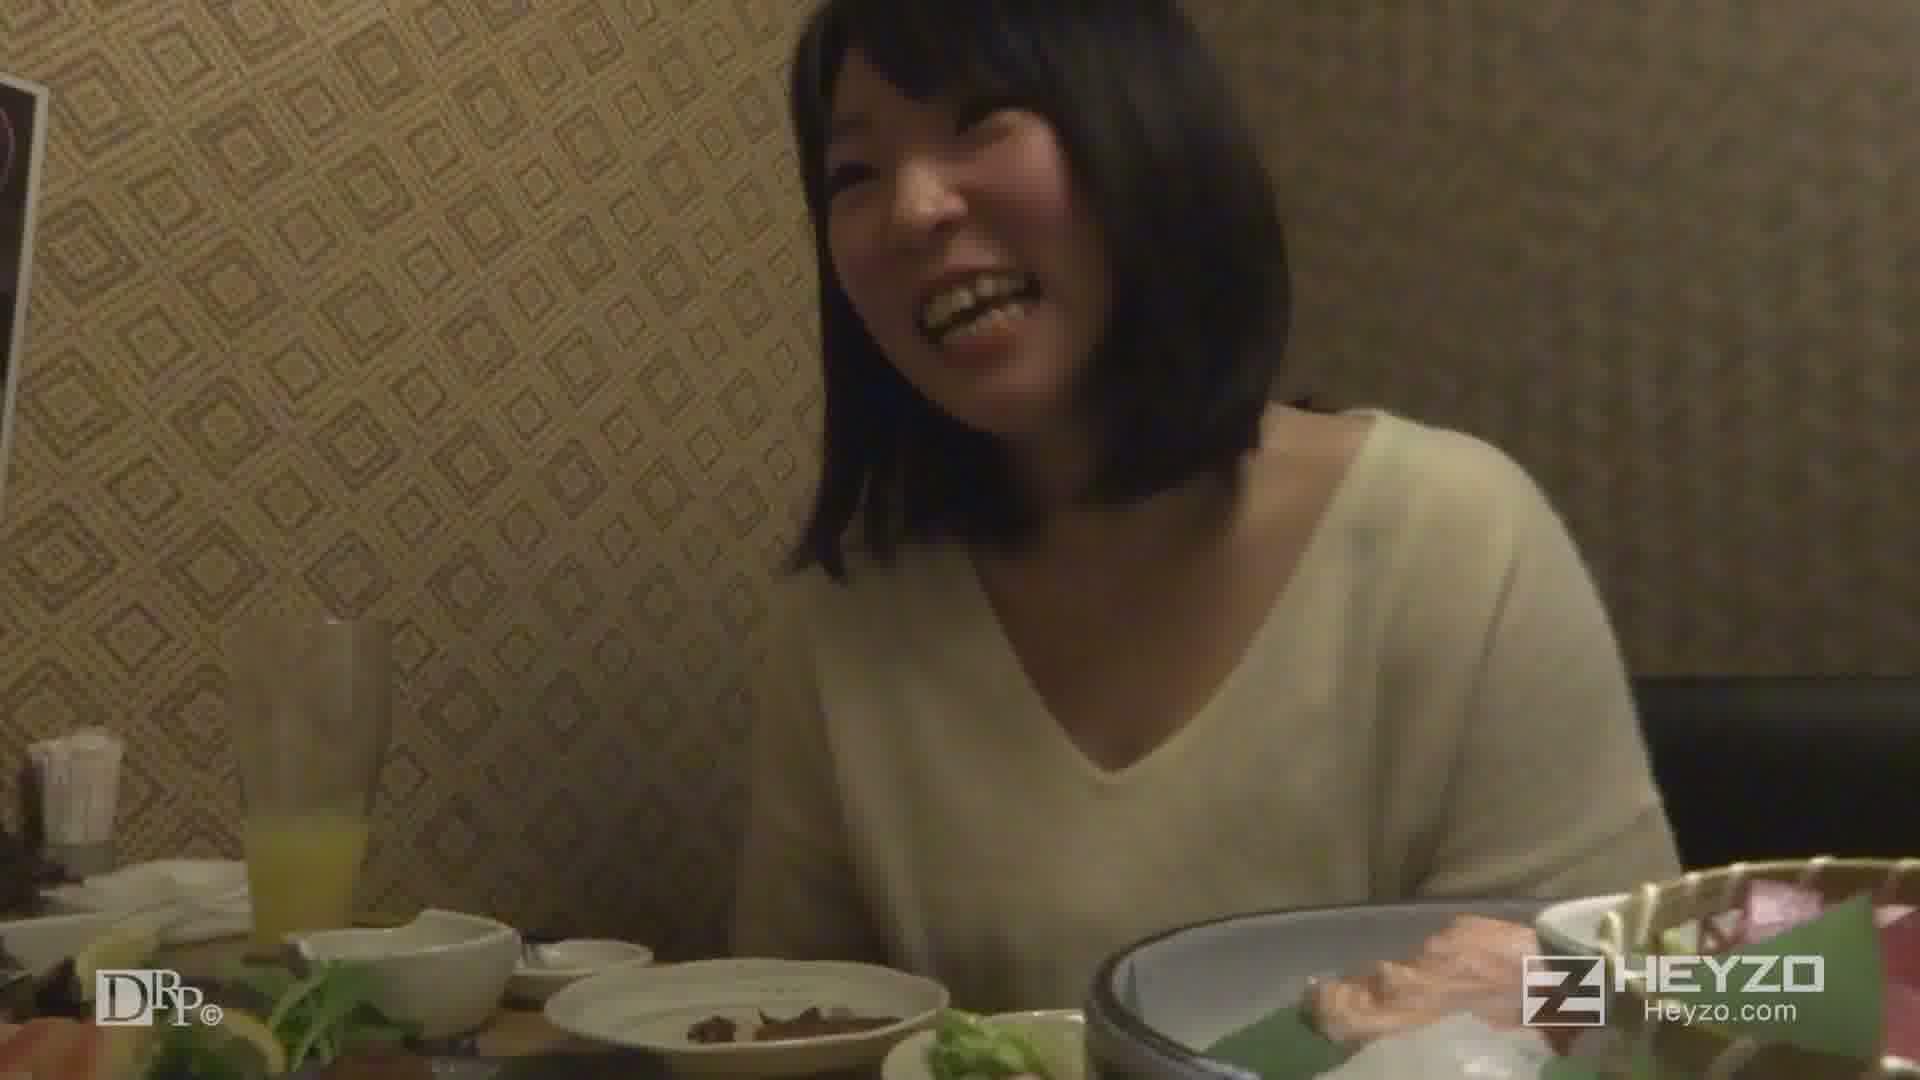 ナンパハメ撮り~ムチムチボディをいただきます!~ - 加護あんな【ナンパ 居酒屋 露出】